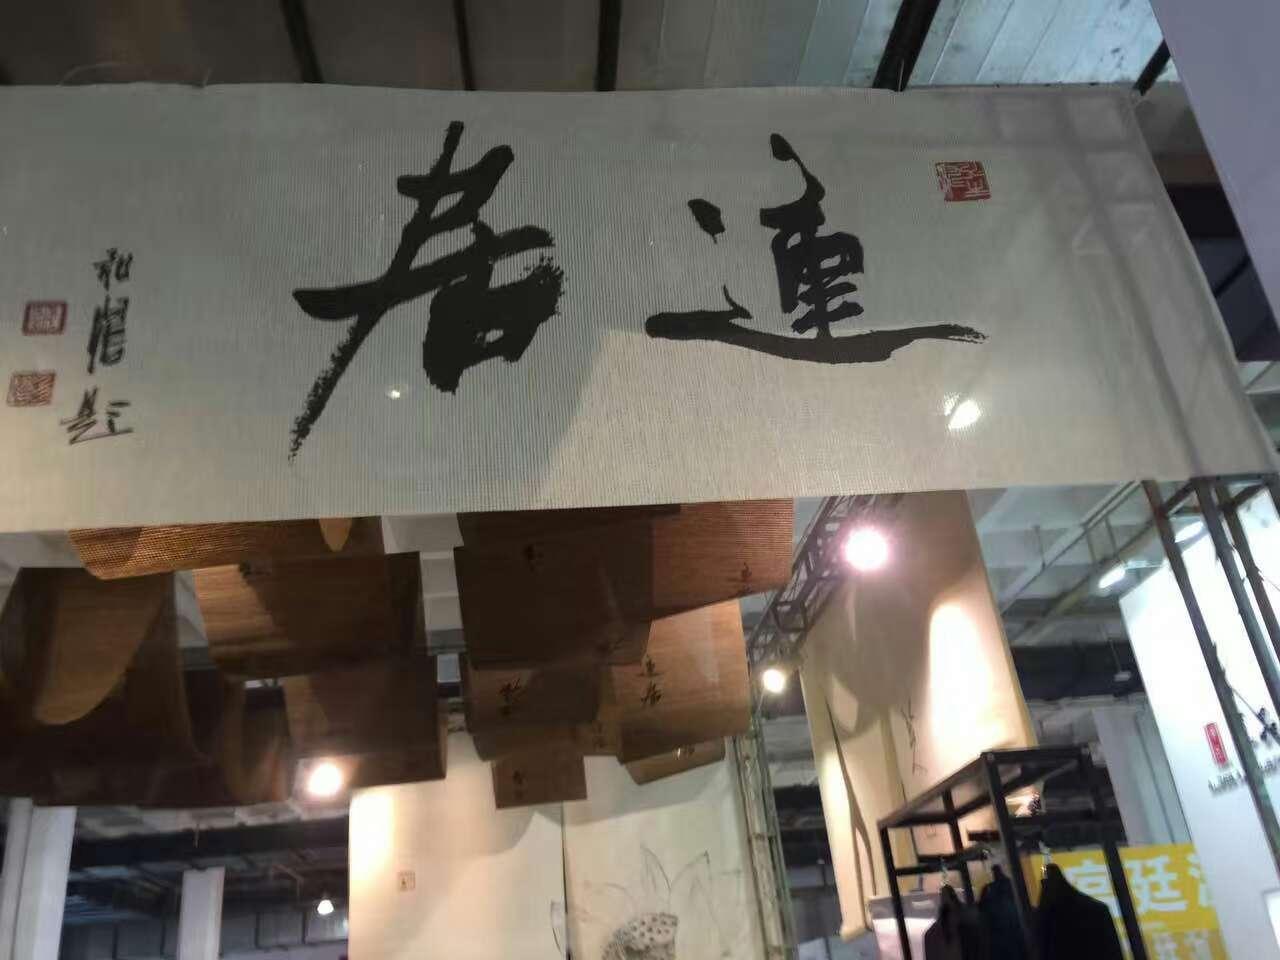 北京隆隆堂商贸有限公司